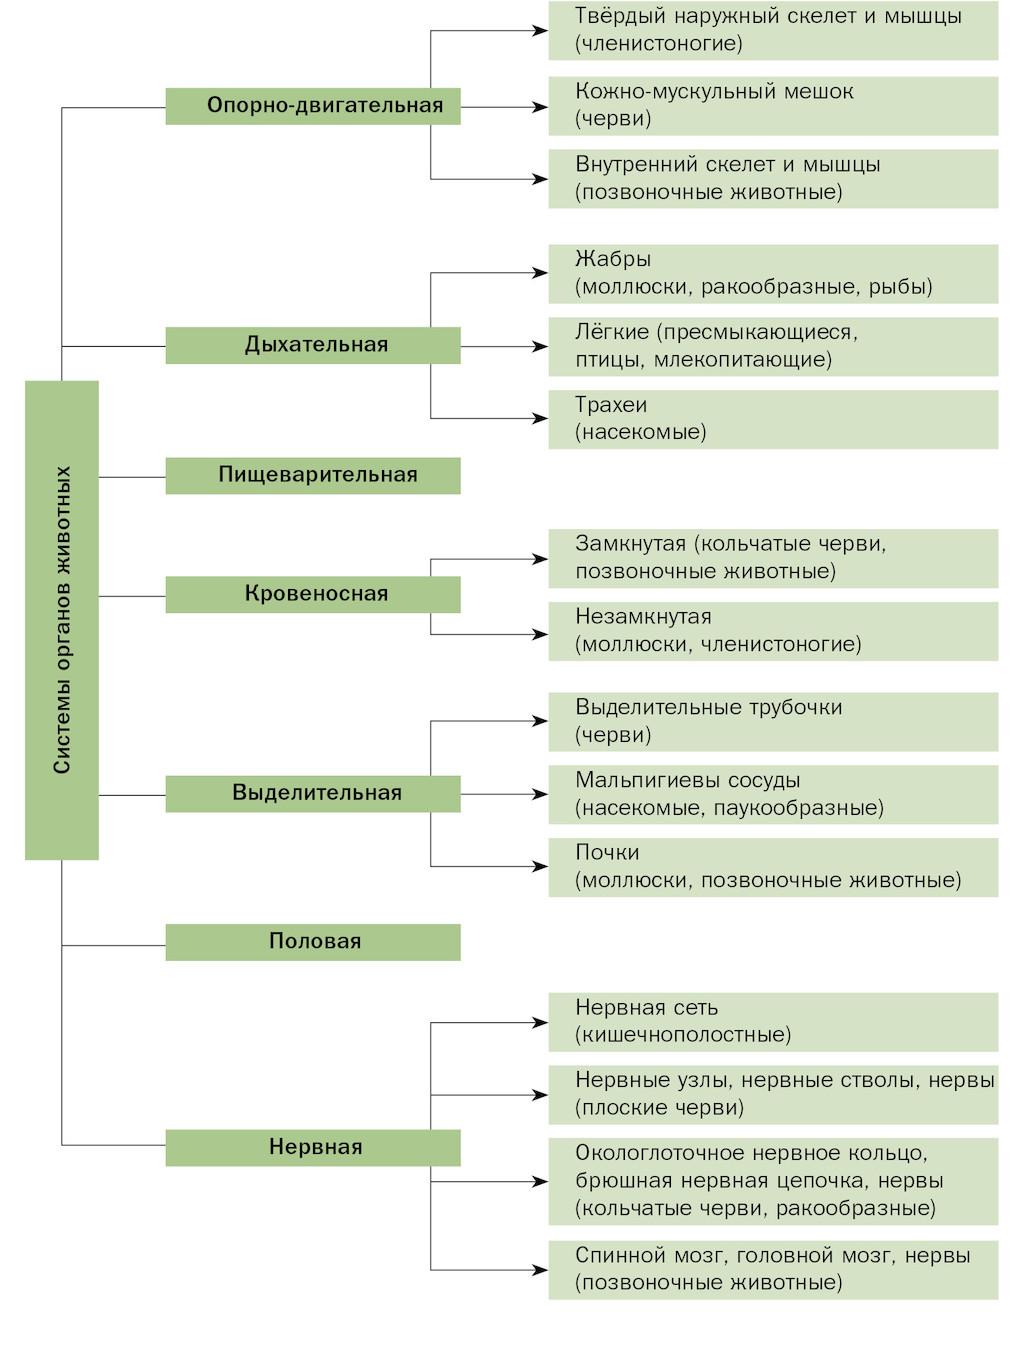 Эндокринная система человека: функции, органы, гормоны, болезни